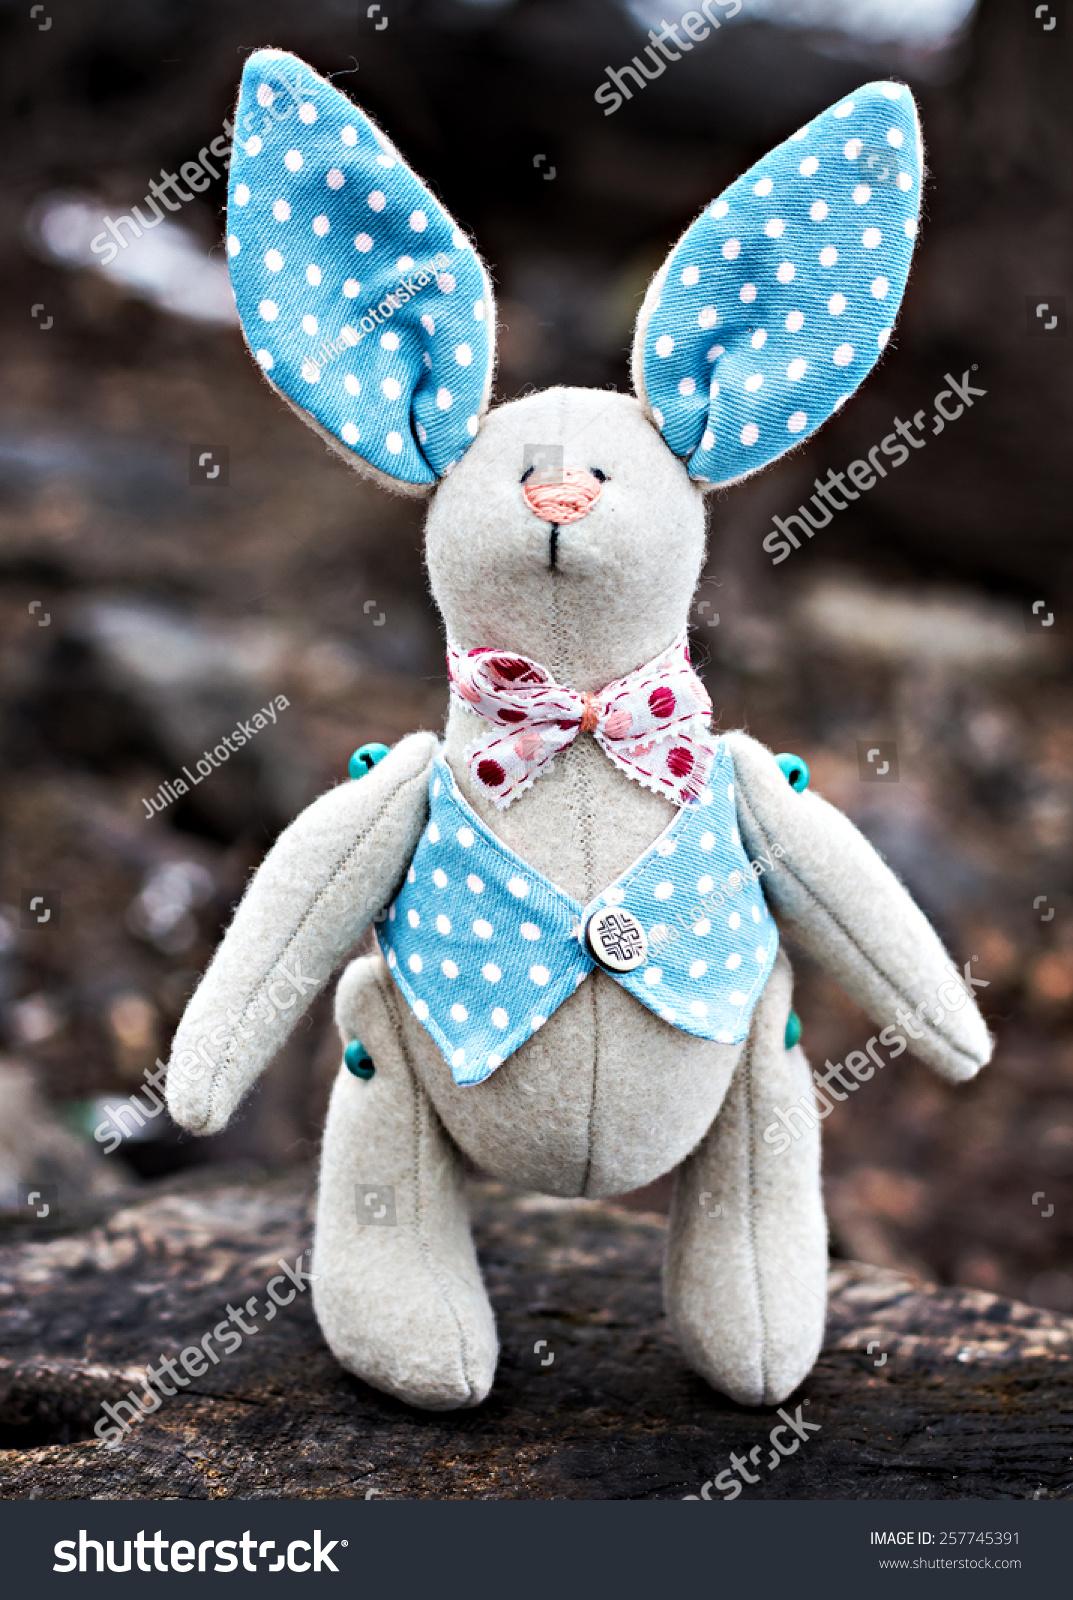 毛绒玩具——小兔子坐在一棵老树.-动物/野生生物,-()